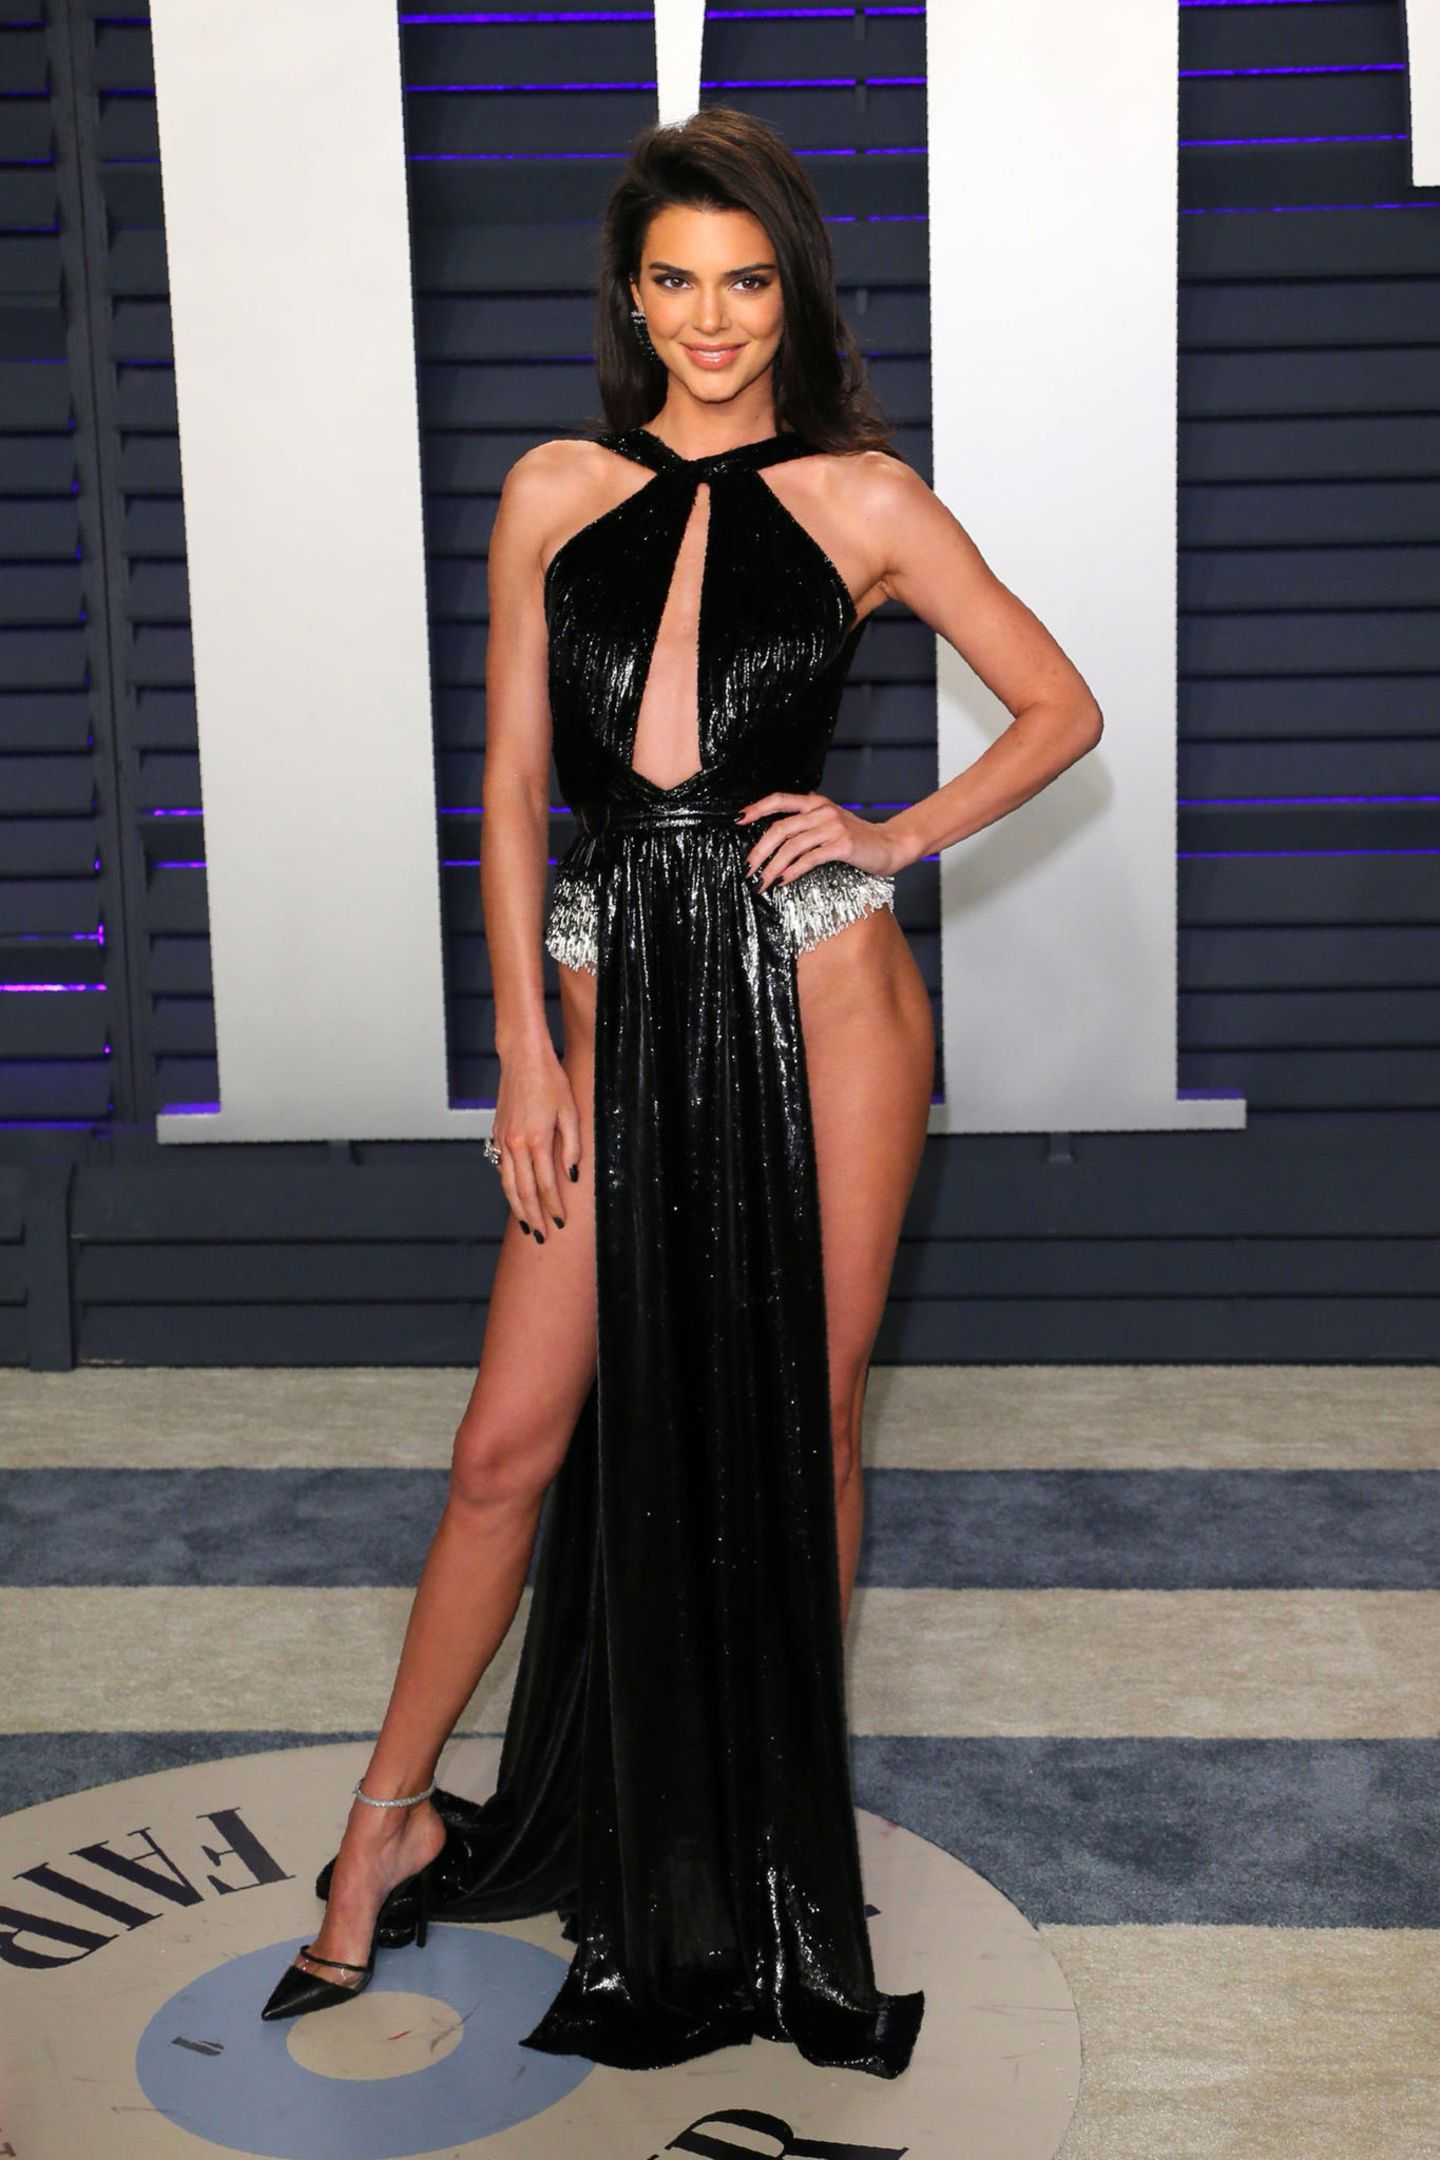 Supersexy zeigt sich Kendall Jenner bei der Vanity Fair Party im Kleid von Rami Kadi.